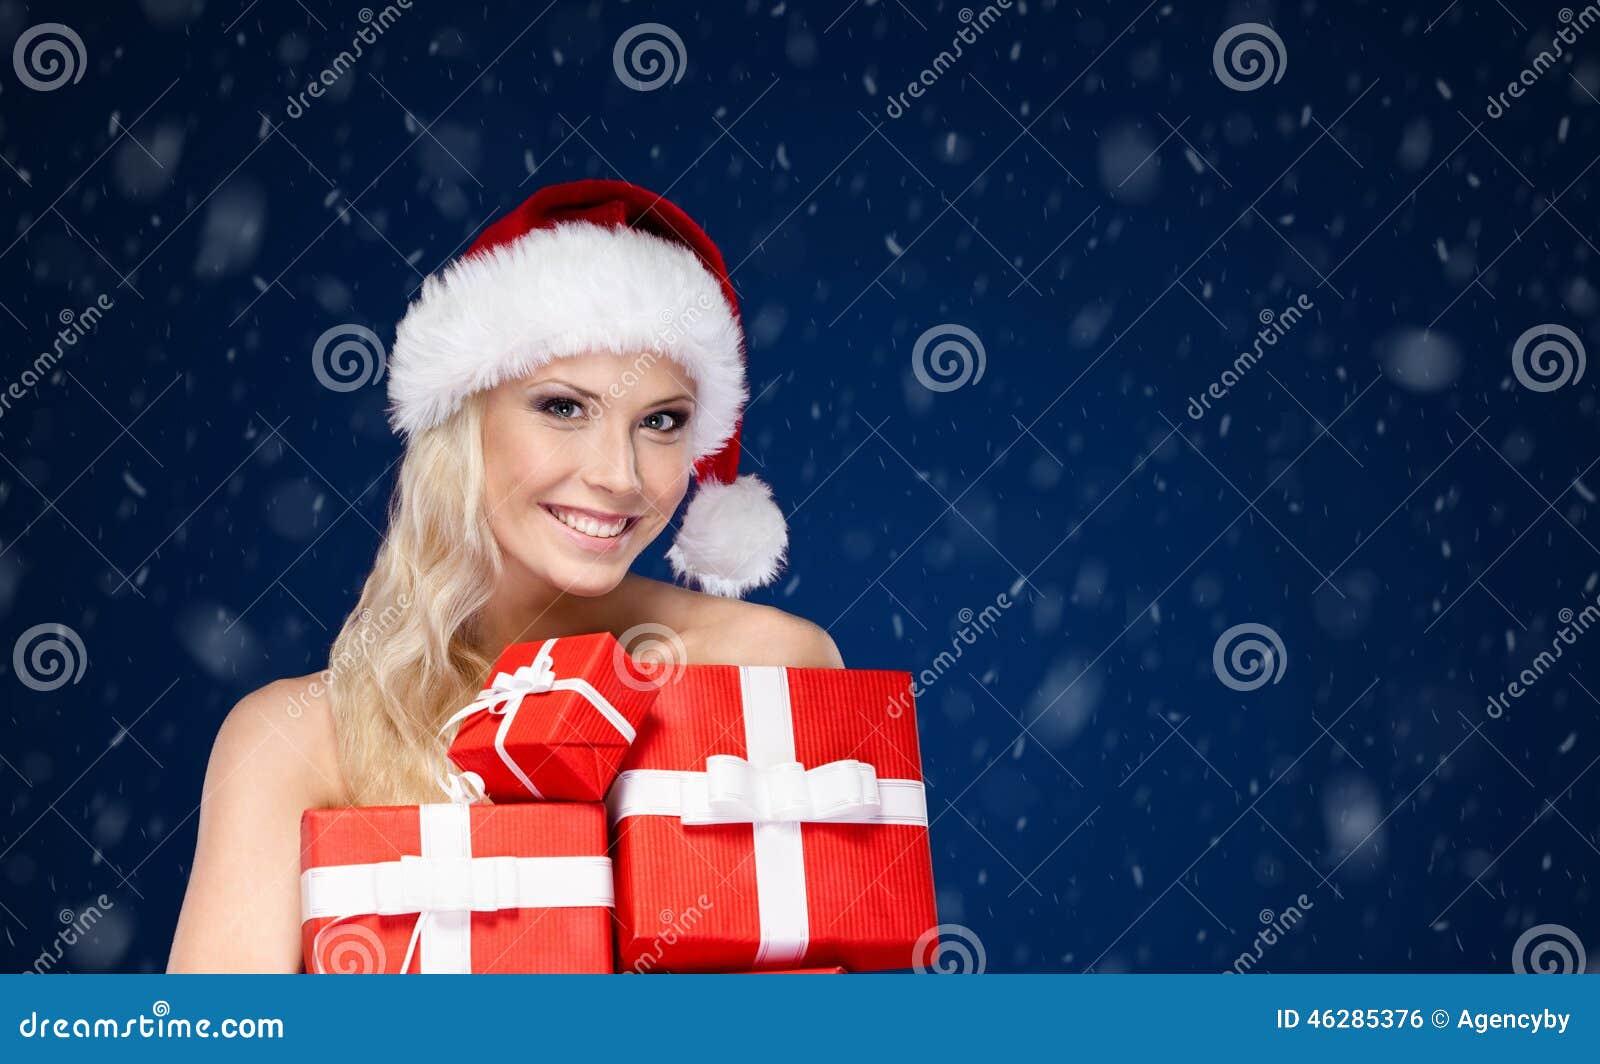 De mooie dame in Kerstmis GLB houdt een reeks van voorstelt